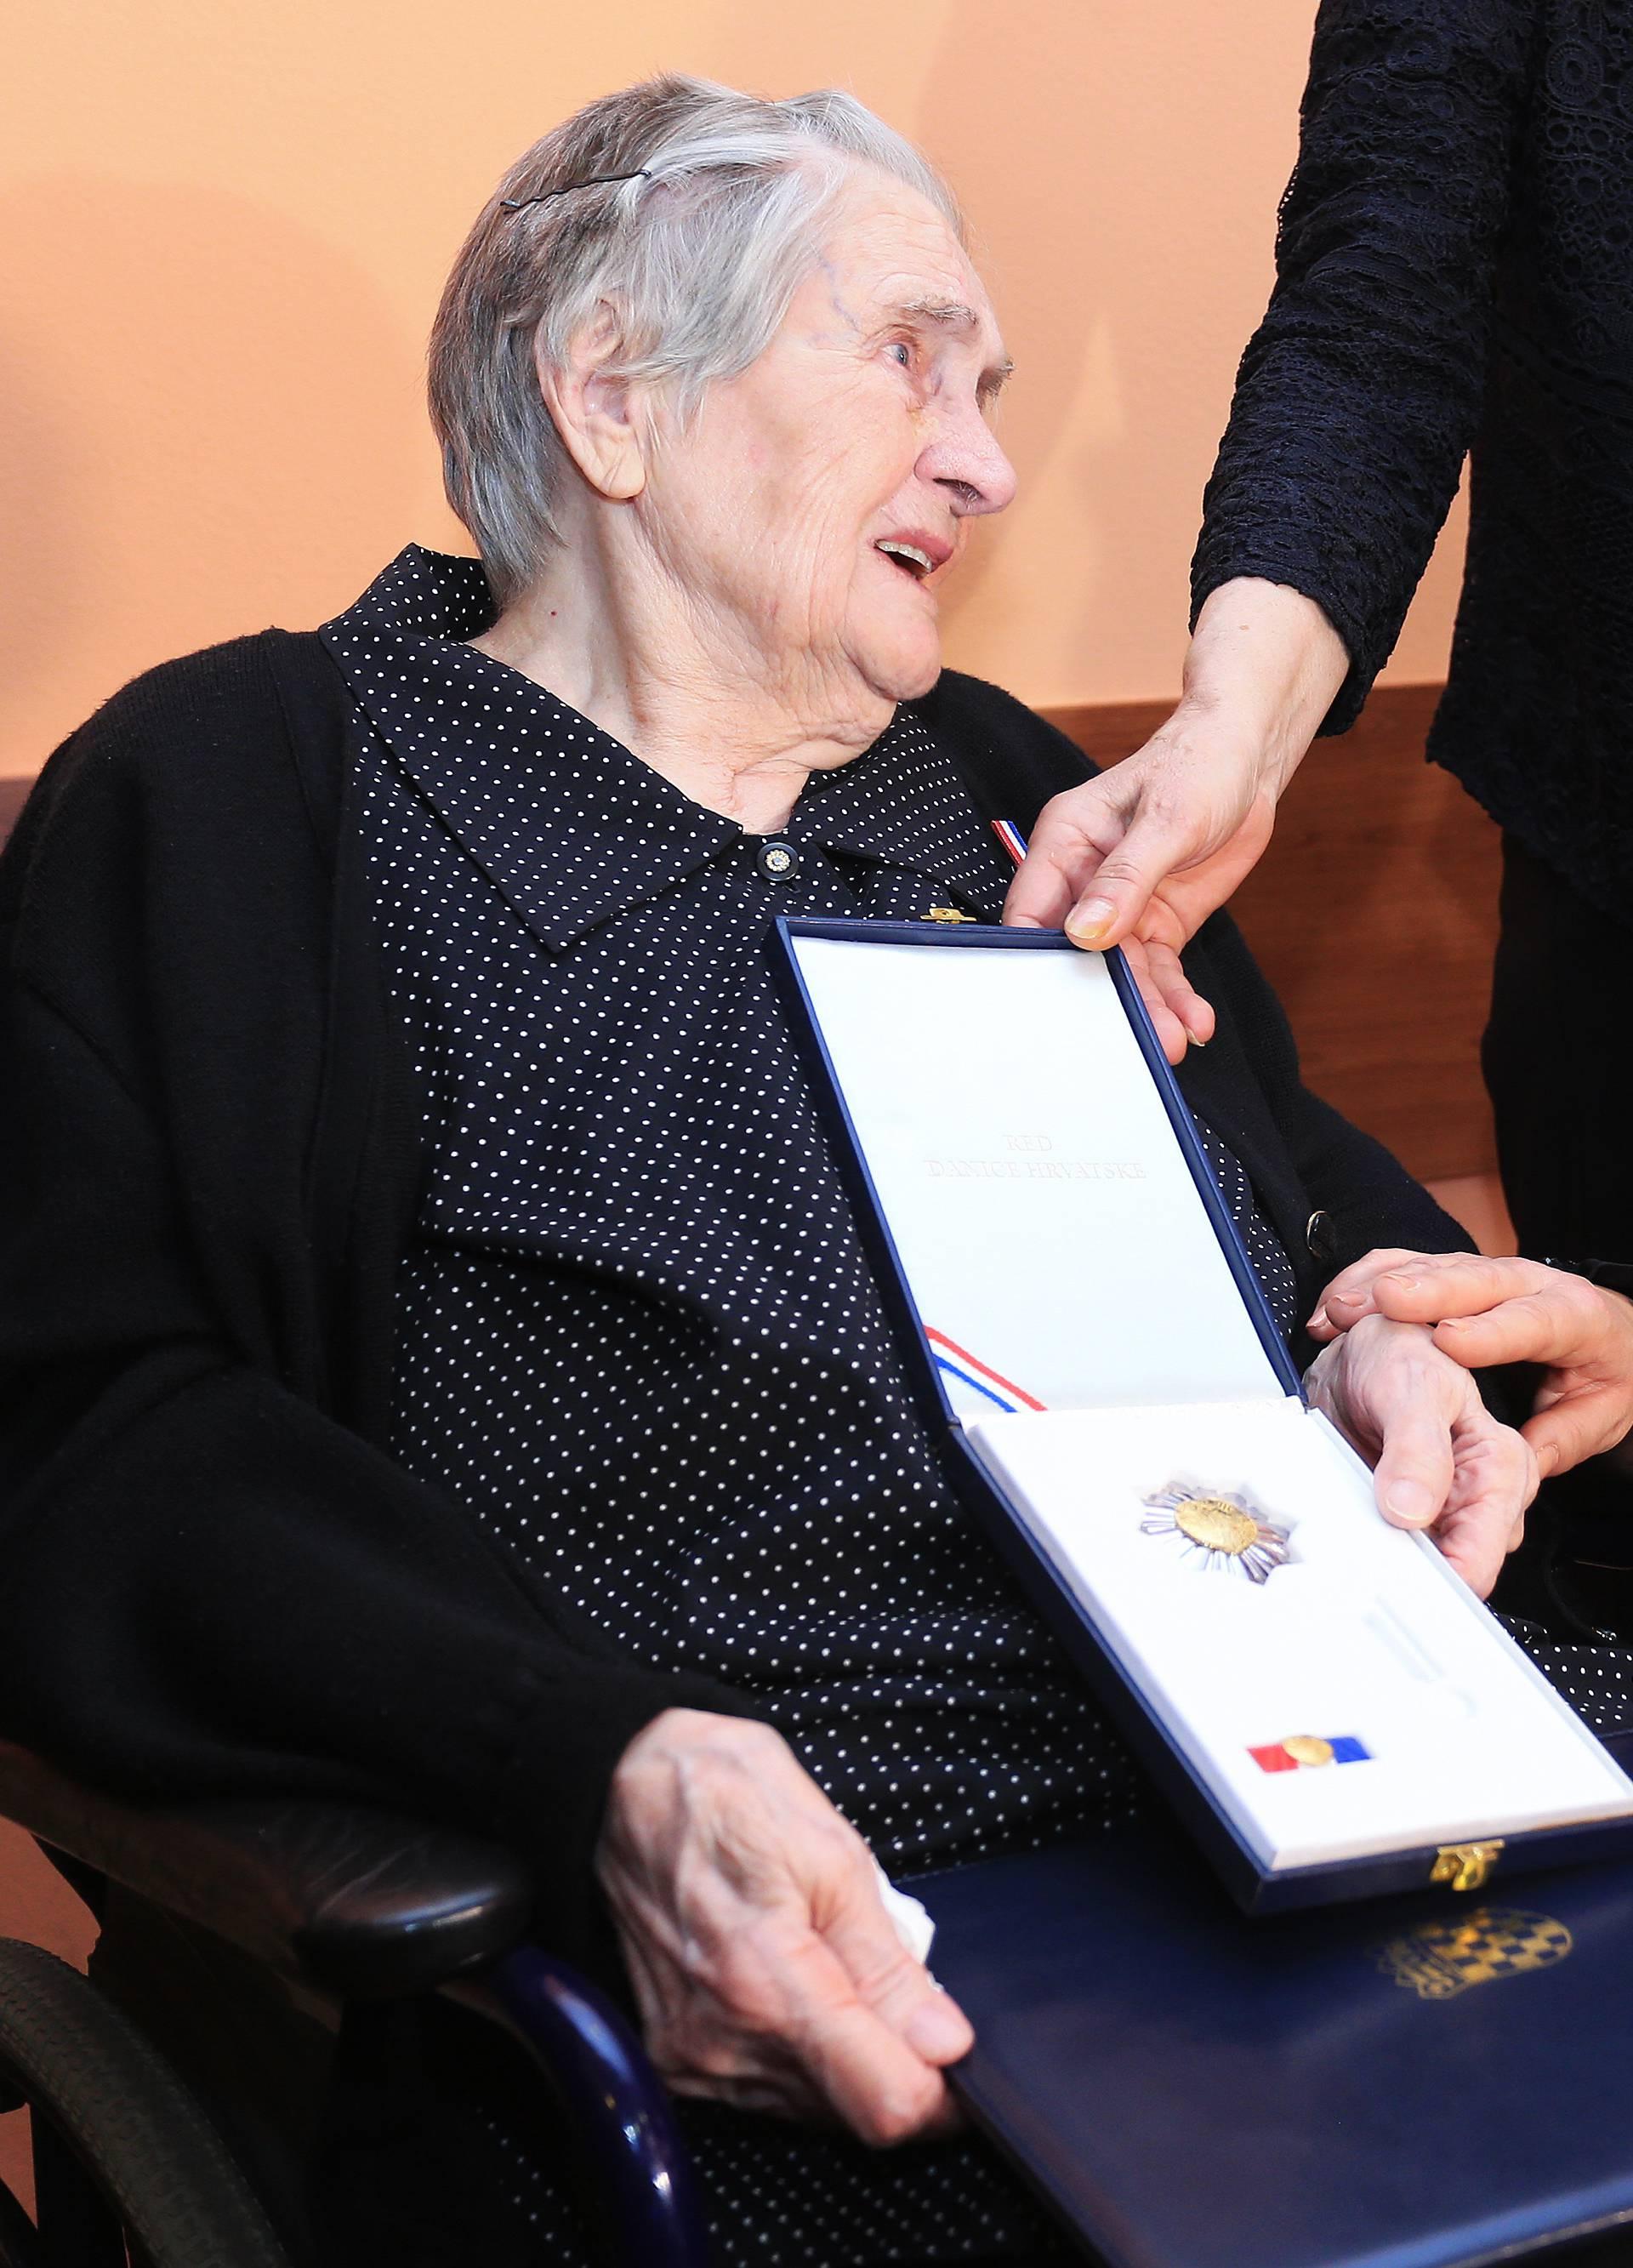 Zbogom Milka Zadro: Majka hrabrost otišla Blagi i Robertu